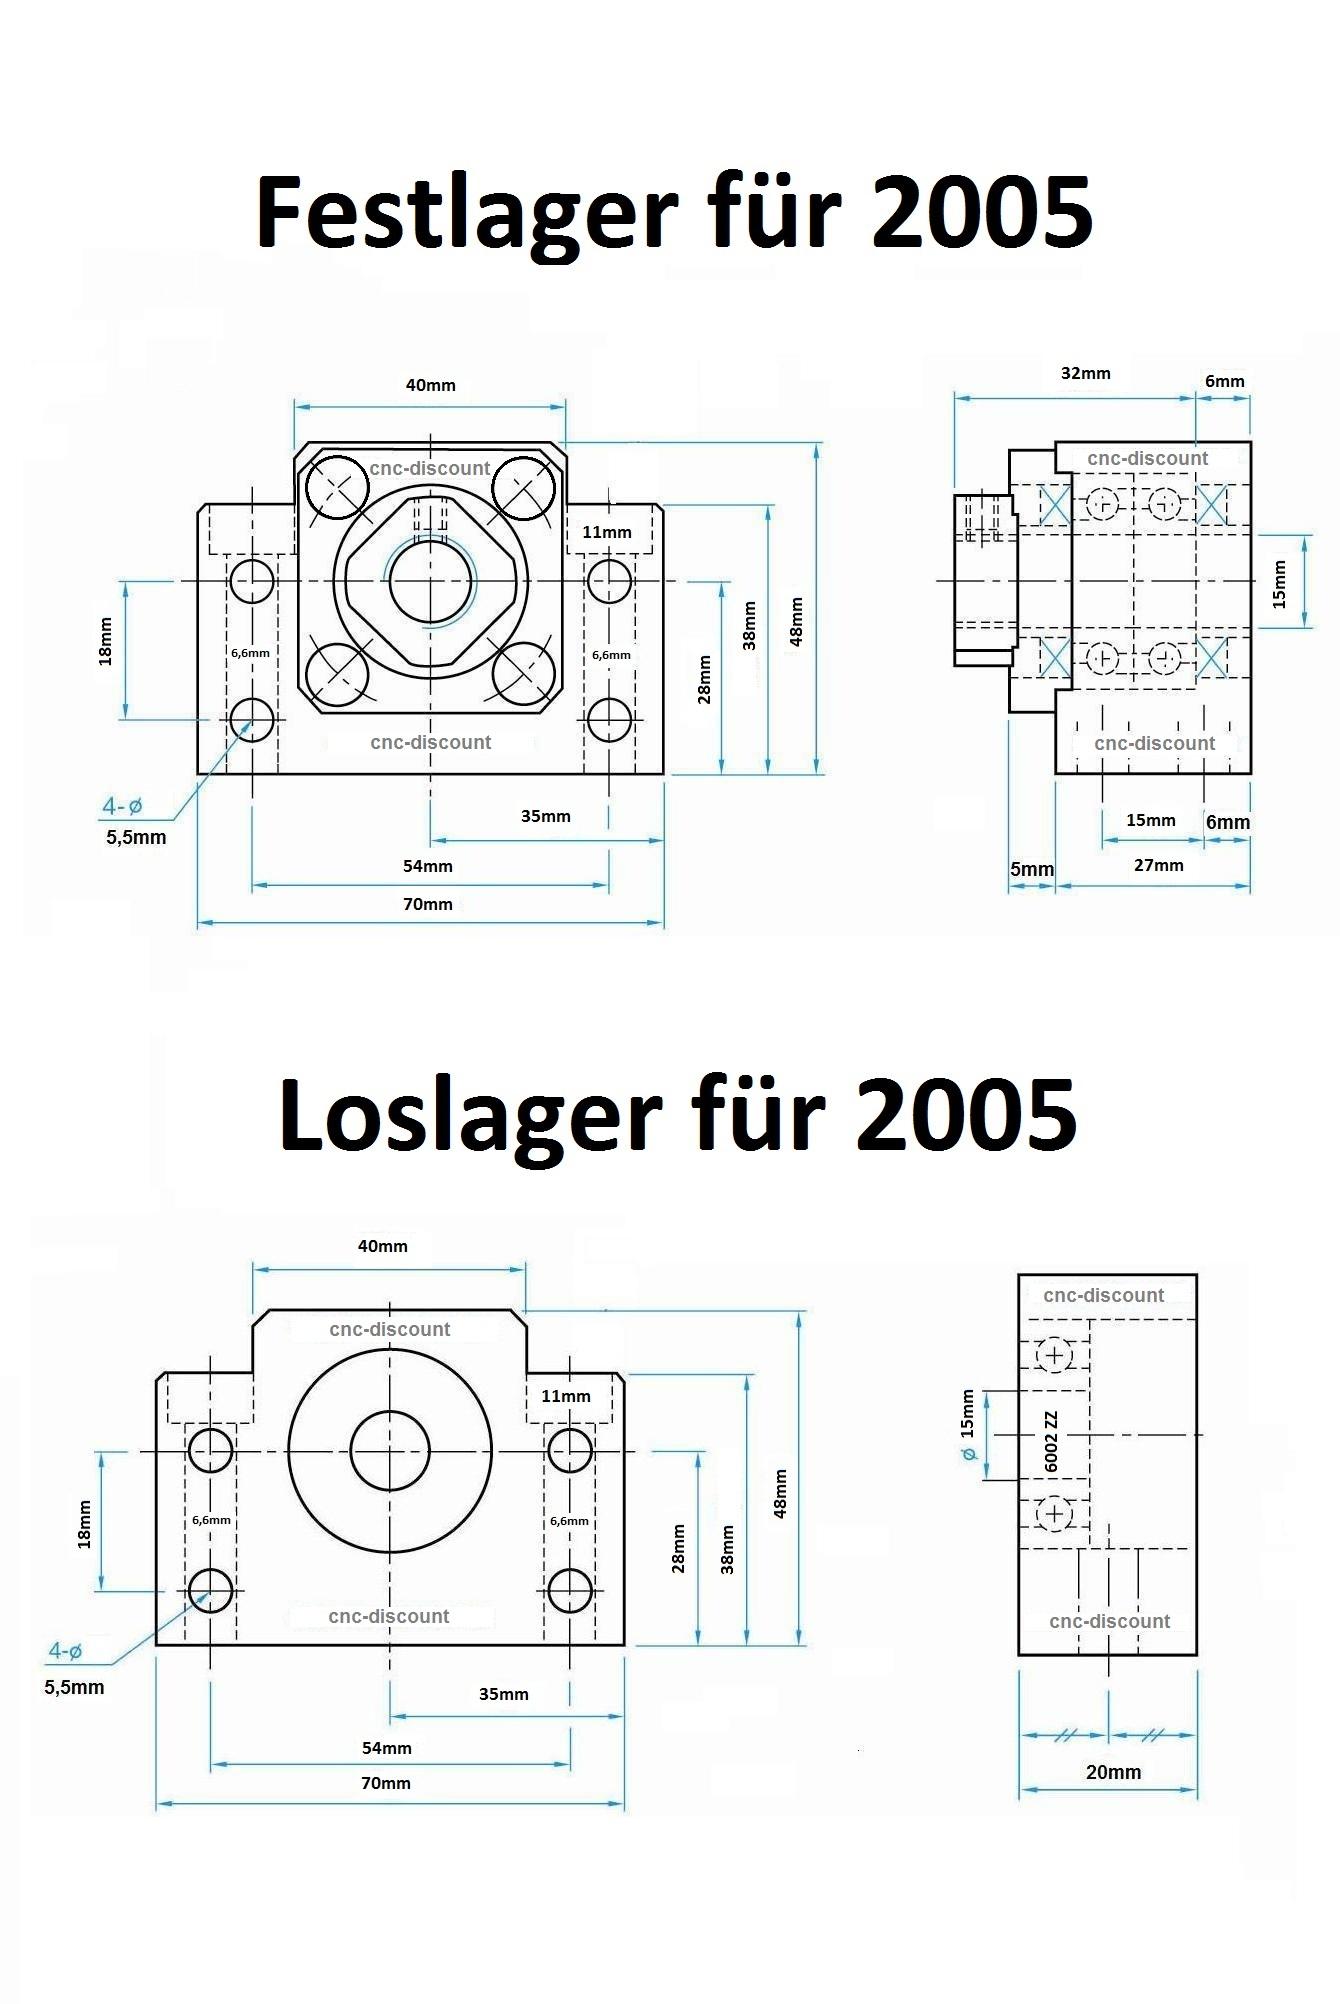 Kugelumlaufspindel 1605 x 1700mm komplett Festlager Loslager Spindel CNC Fräse 3